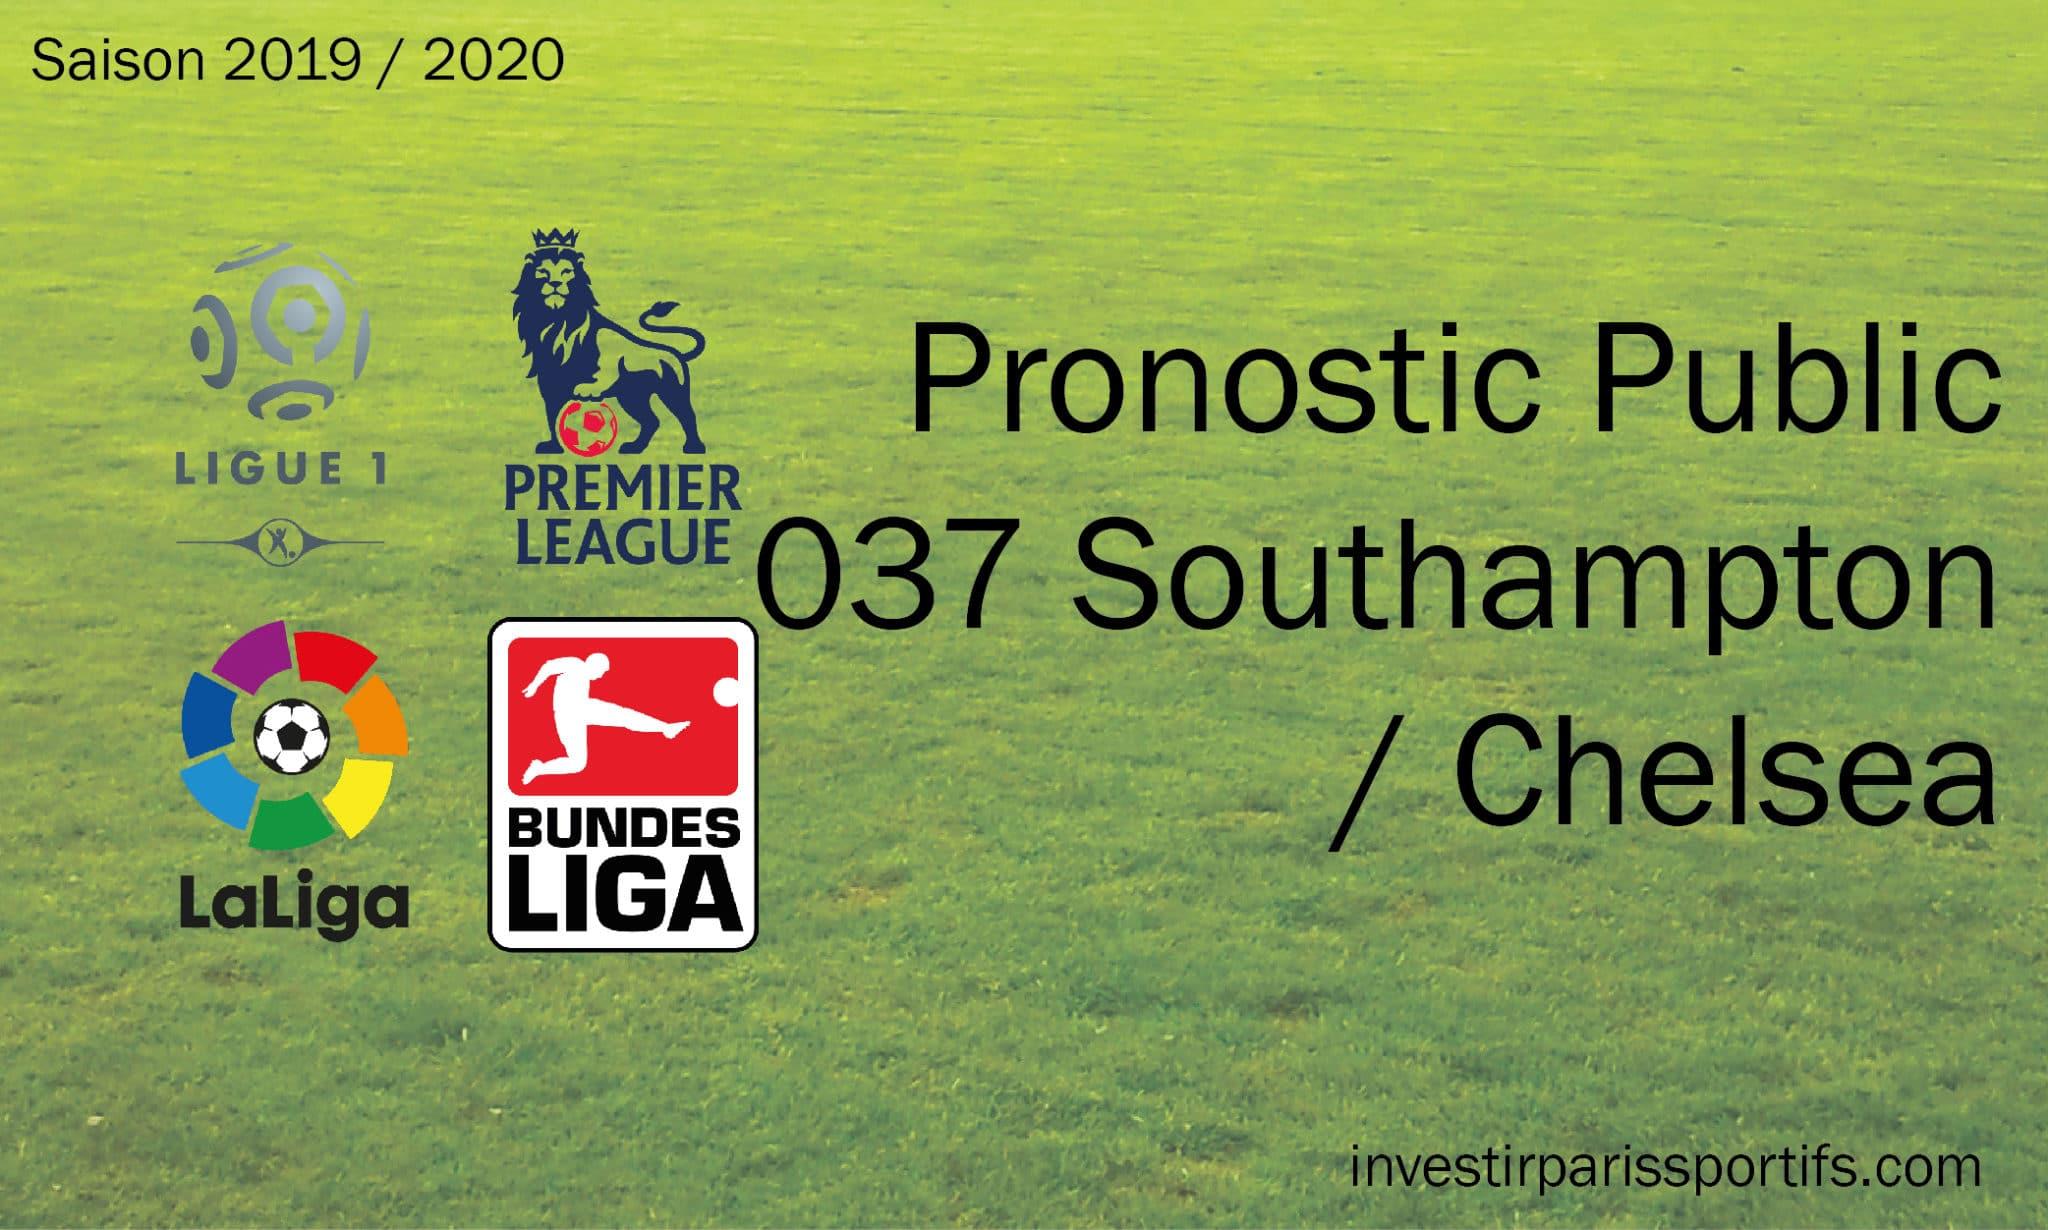 Pronostic 037 – Southampton / Chelsea – Premier League